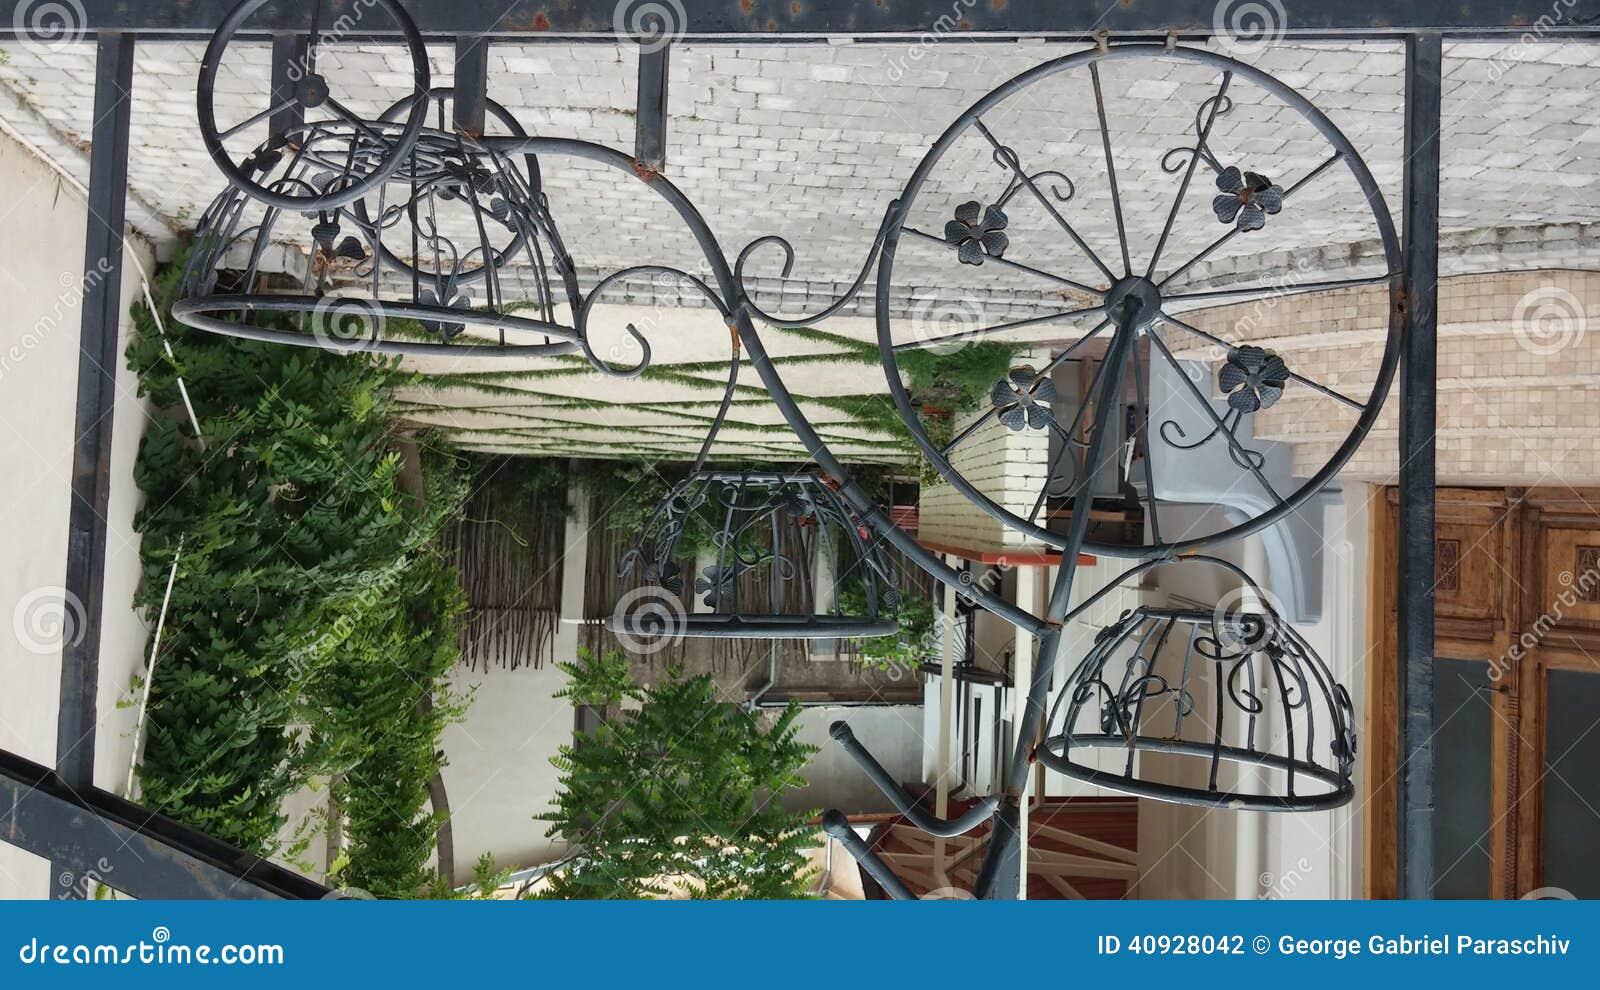 cerca de jardim ferro : cerca de jardim ferro:cerca do jardim com 3 rodas bicycle o modelo Imagem tomada com